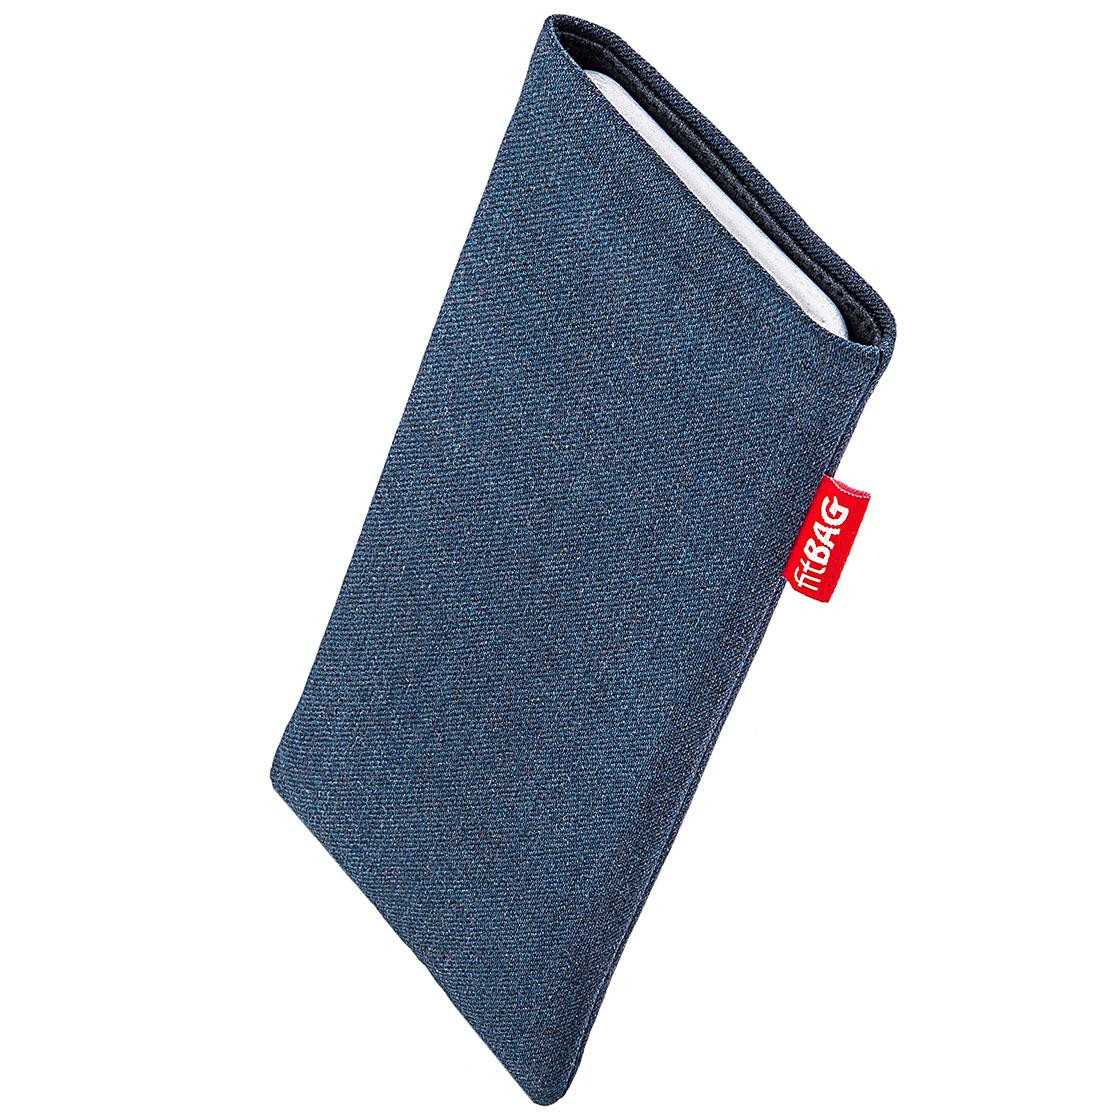 fitBAG Jive Bleu en Tissu Pochette customis/ée adapt/ée Housse de Protection pour Huawei P30 Pro Doublure en Microfibre pour Le Nettoyage de l/'/écran Fabriqu/é en Allemagne